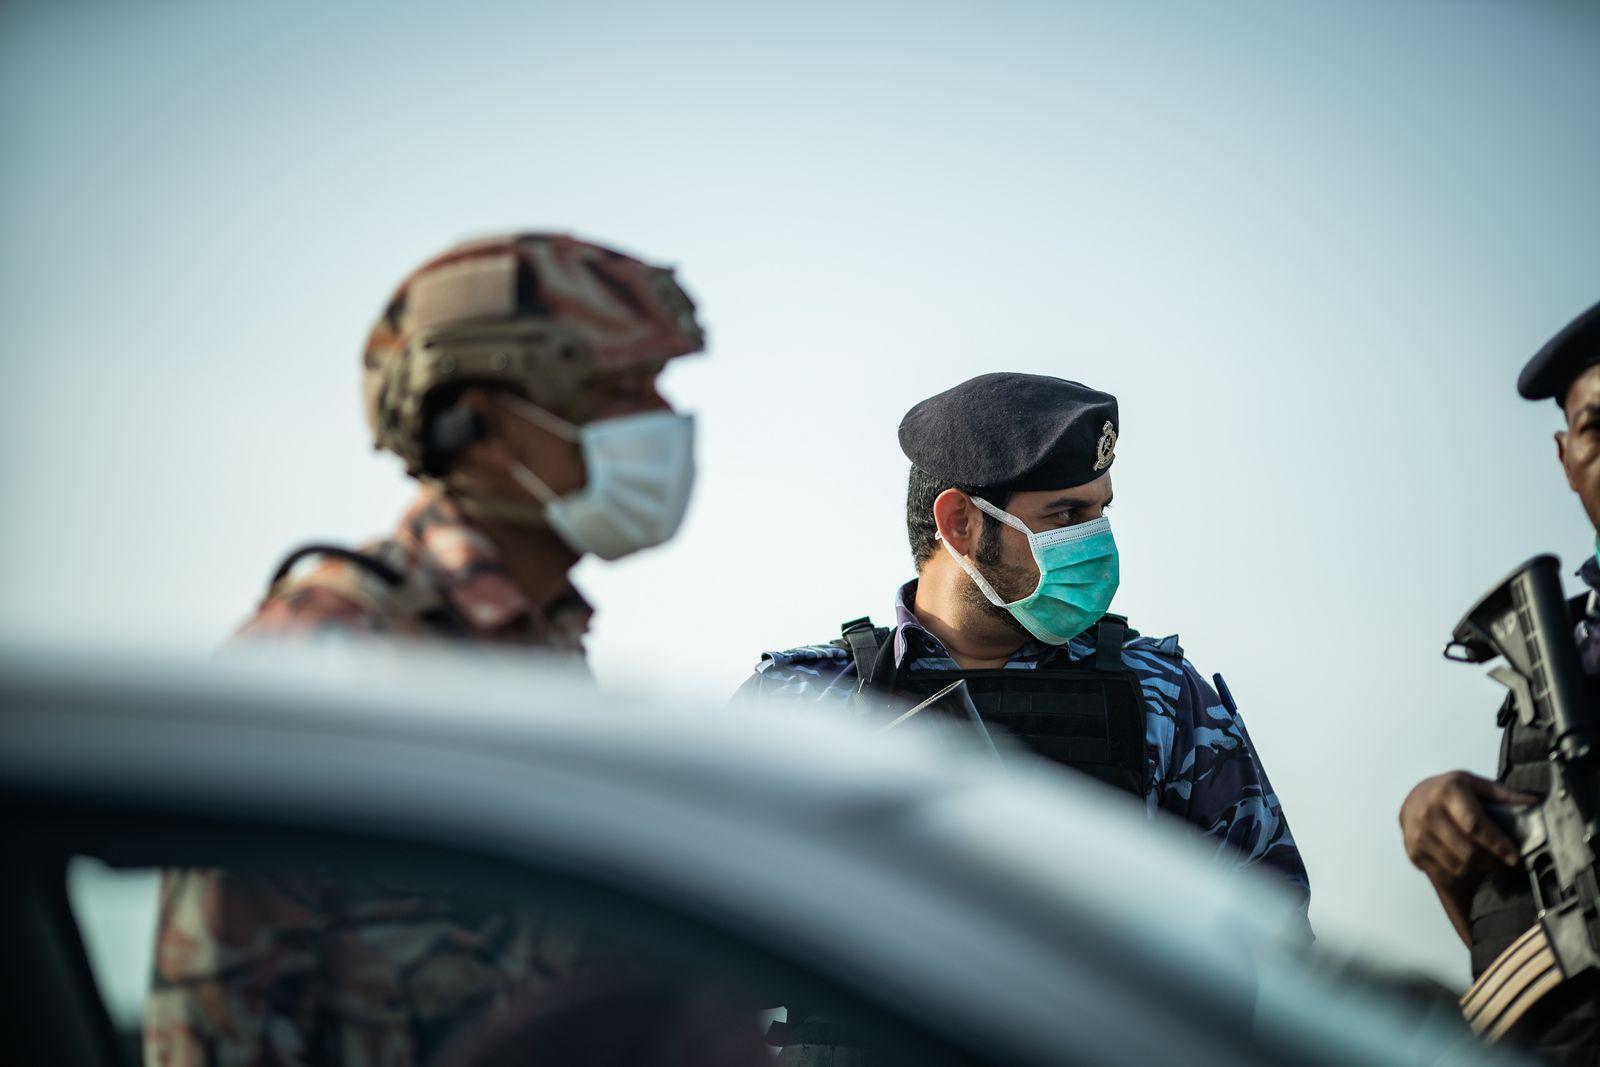 بالفيديو.. الشرطة توضح الحالات التي يجب فيها لبس الكمامة عند قيادة المركبة